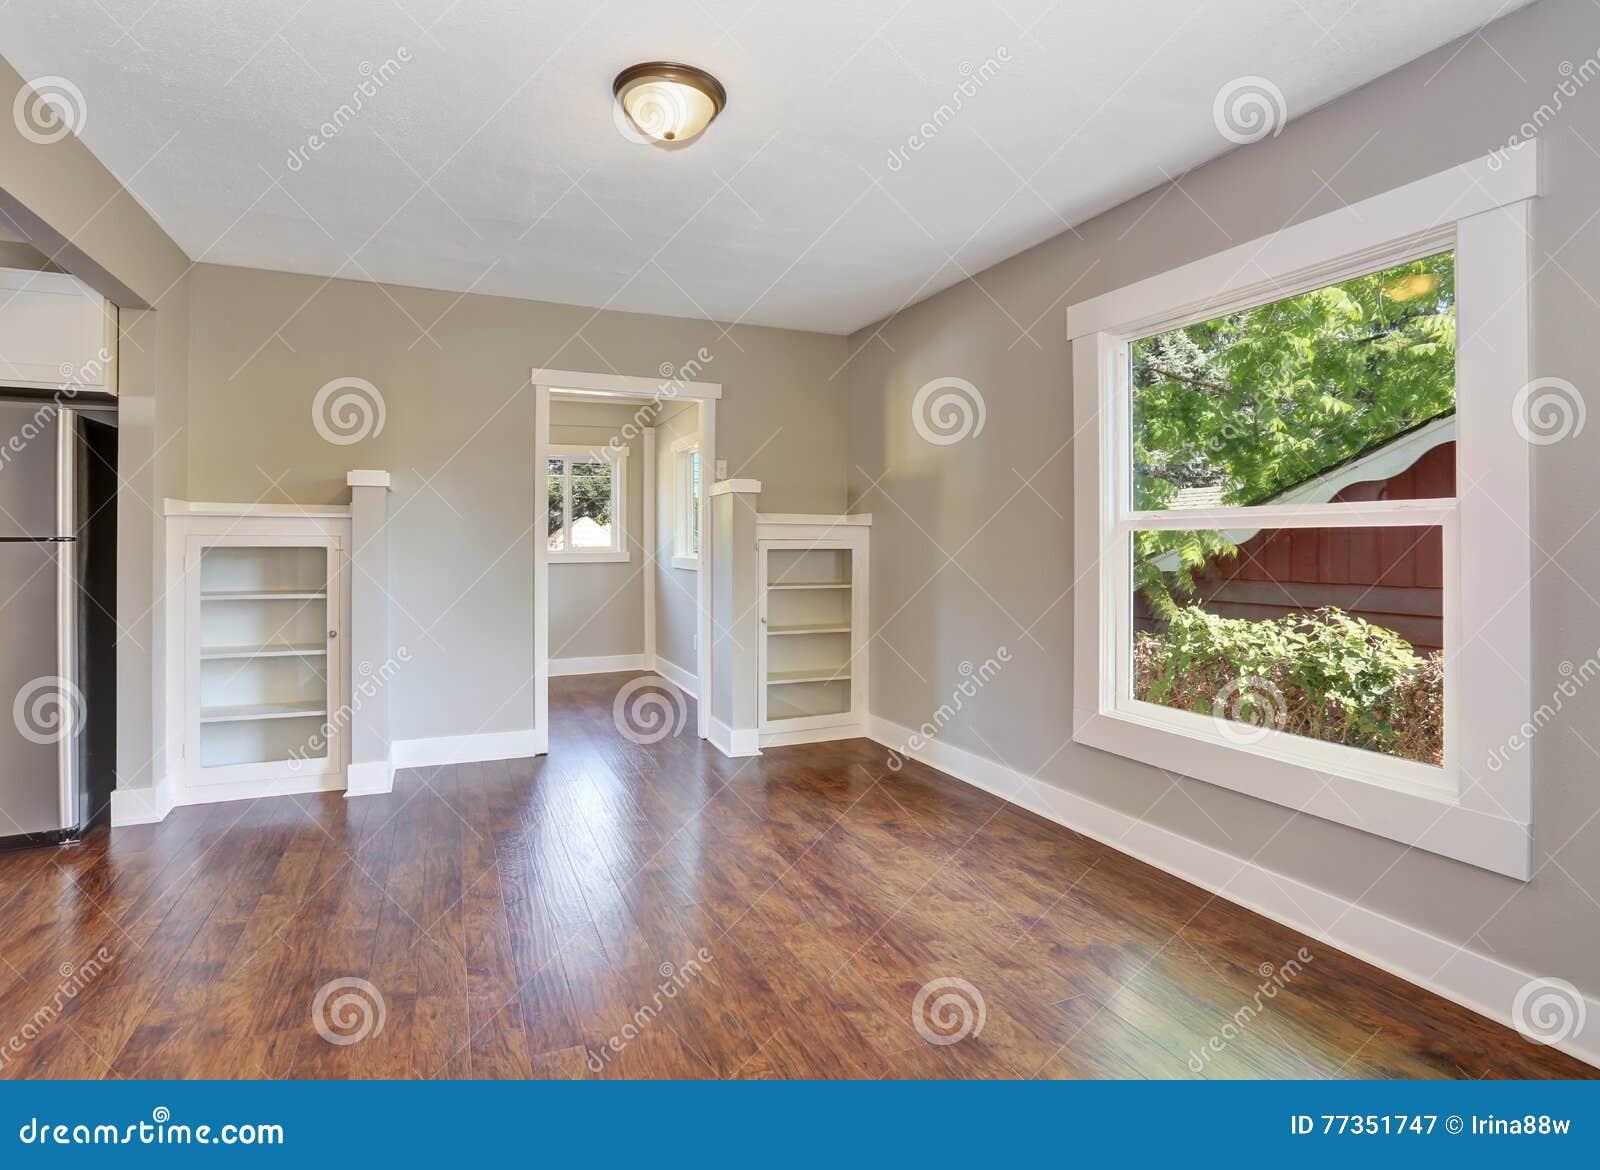 Plan d 39 tage ouvert int rieur vide de couloir avec le for Le vide interieur